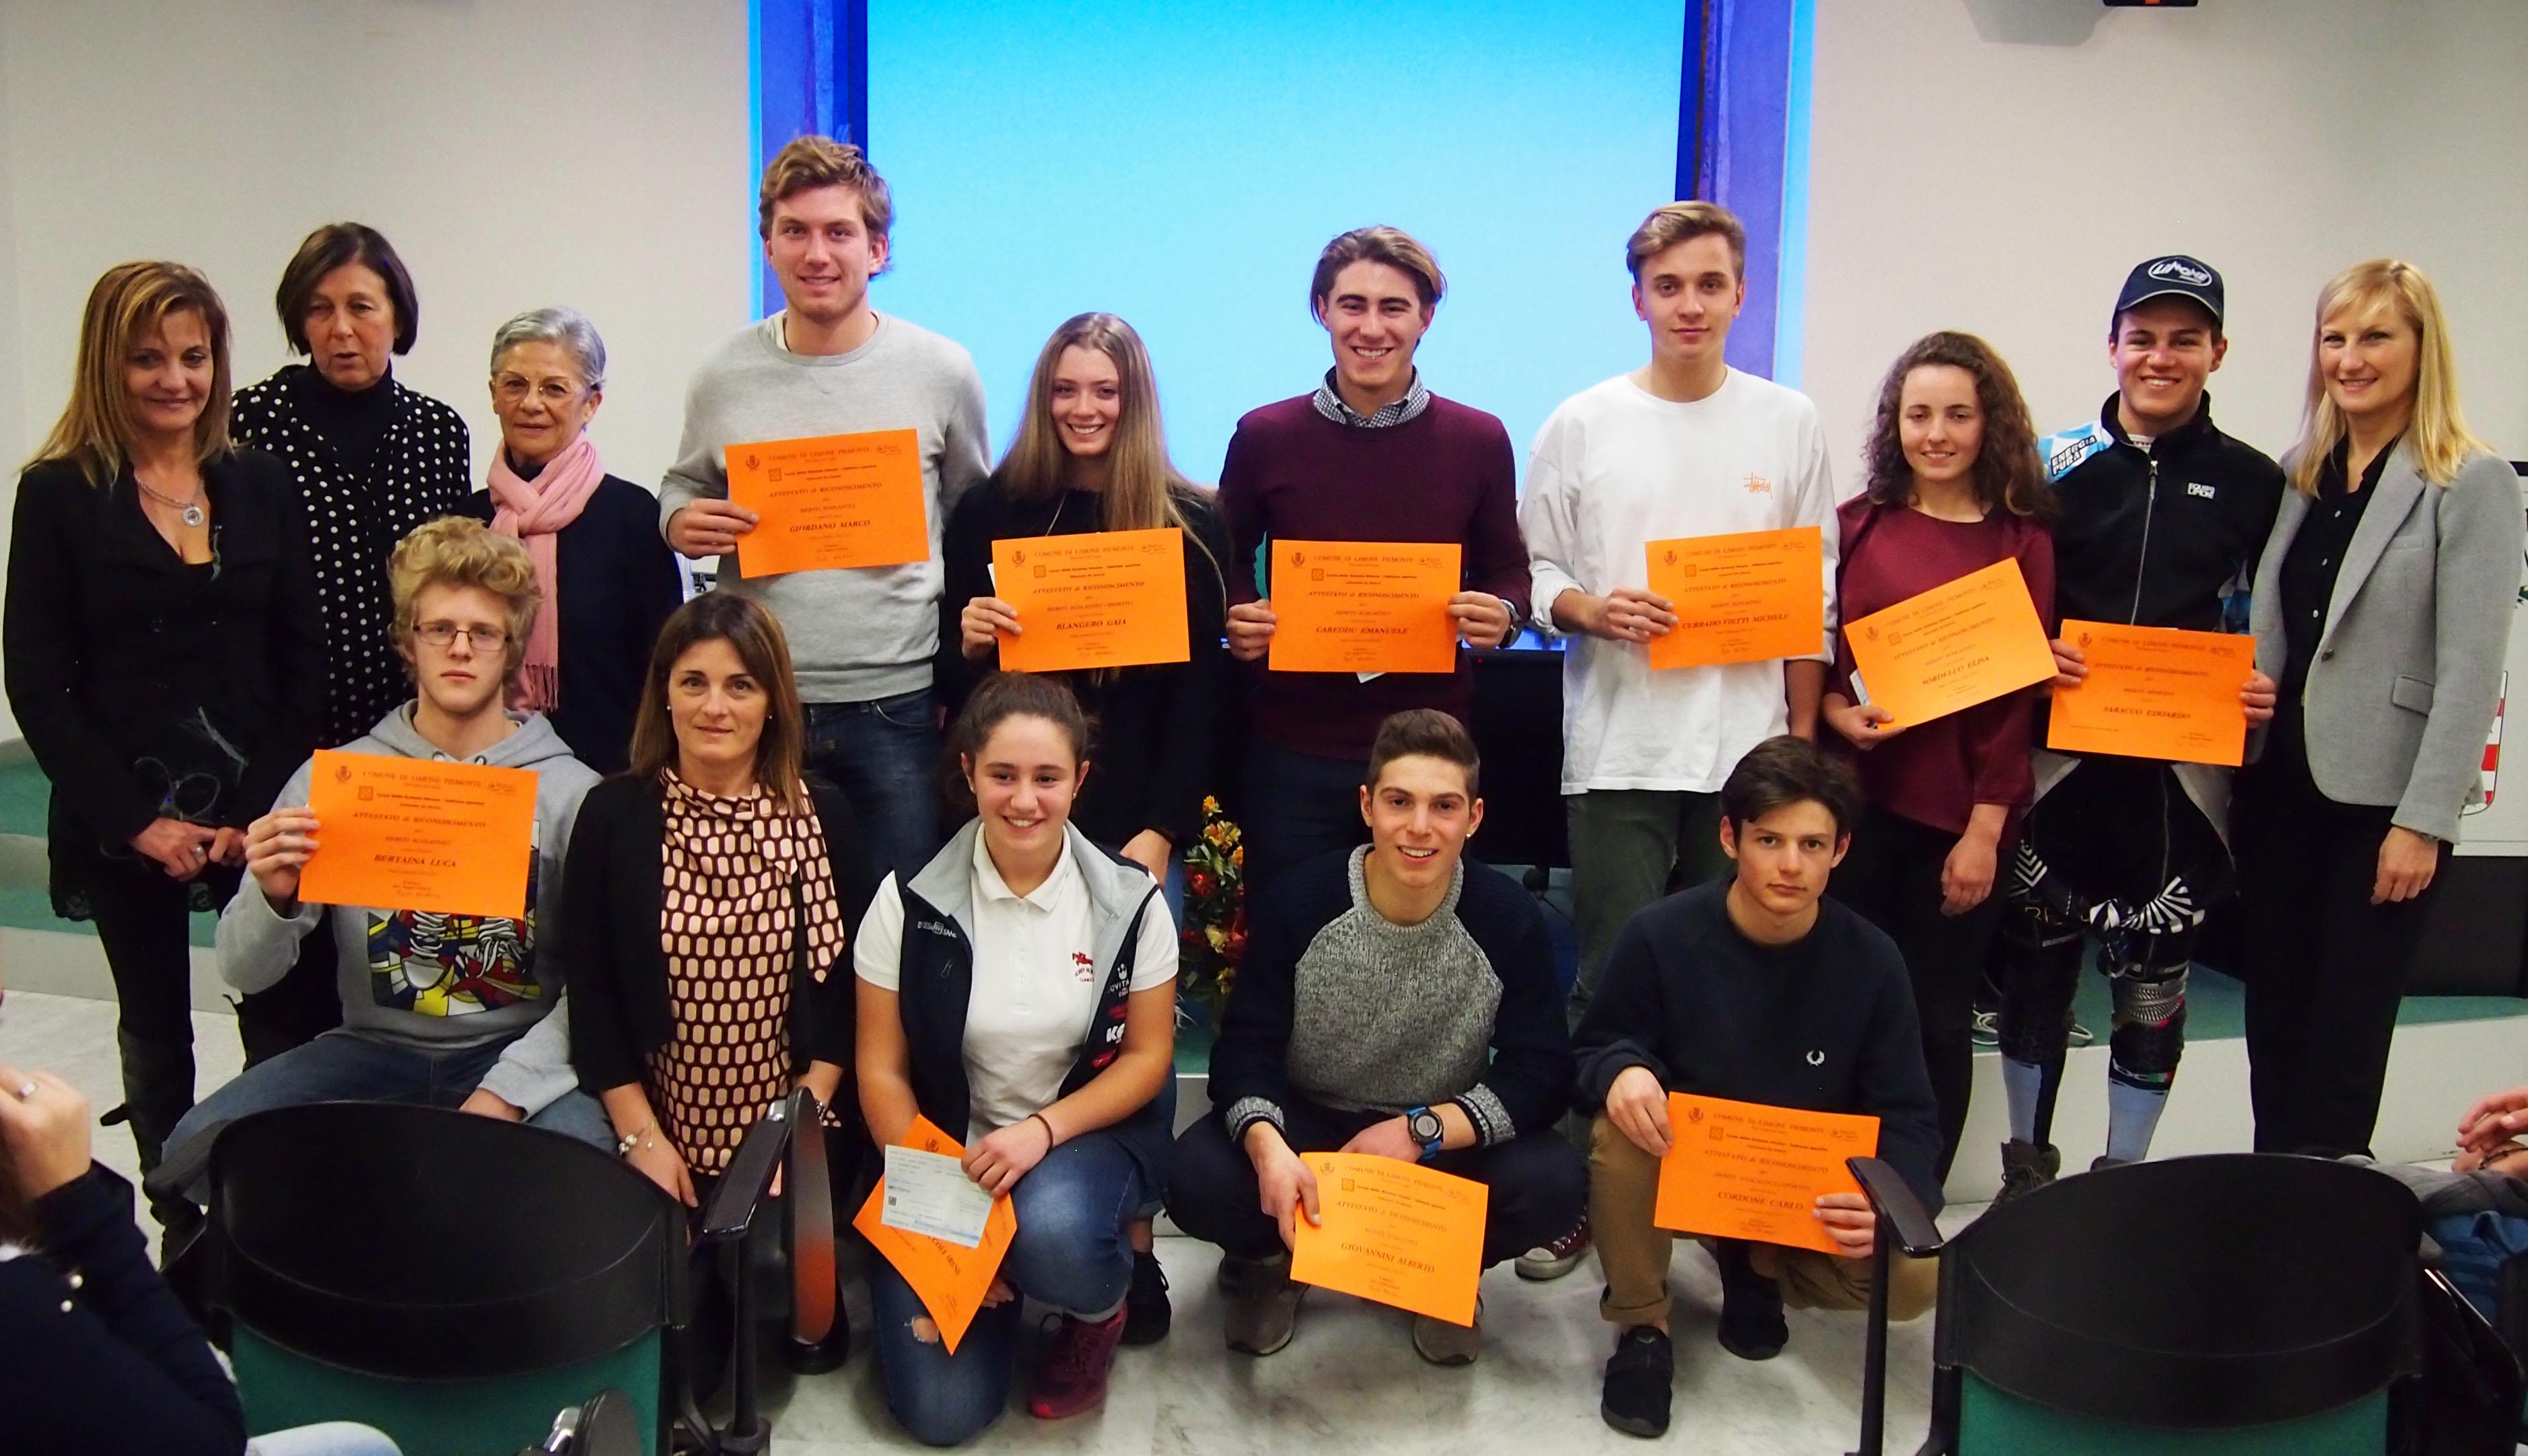 Gli allievi del Liceo Sportivo premiati con le borse di studio 2017 del Comune di Limone